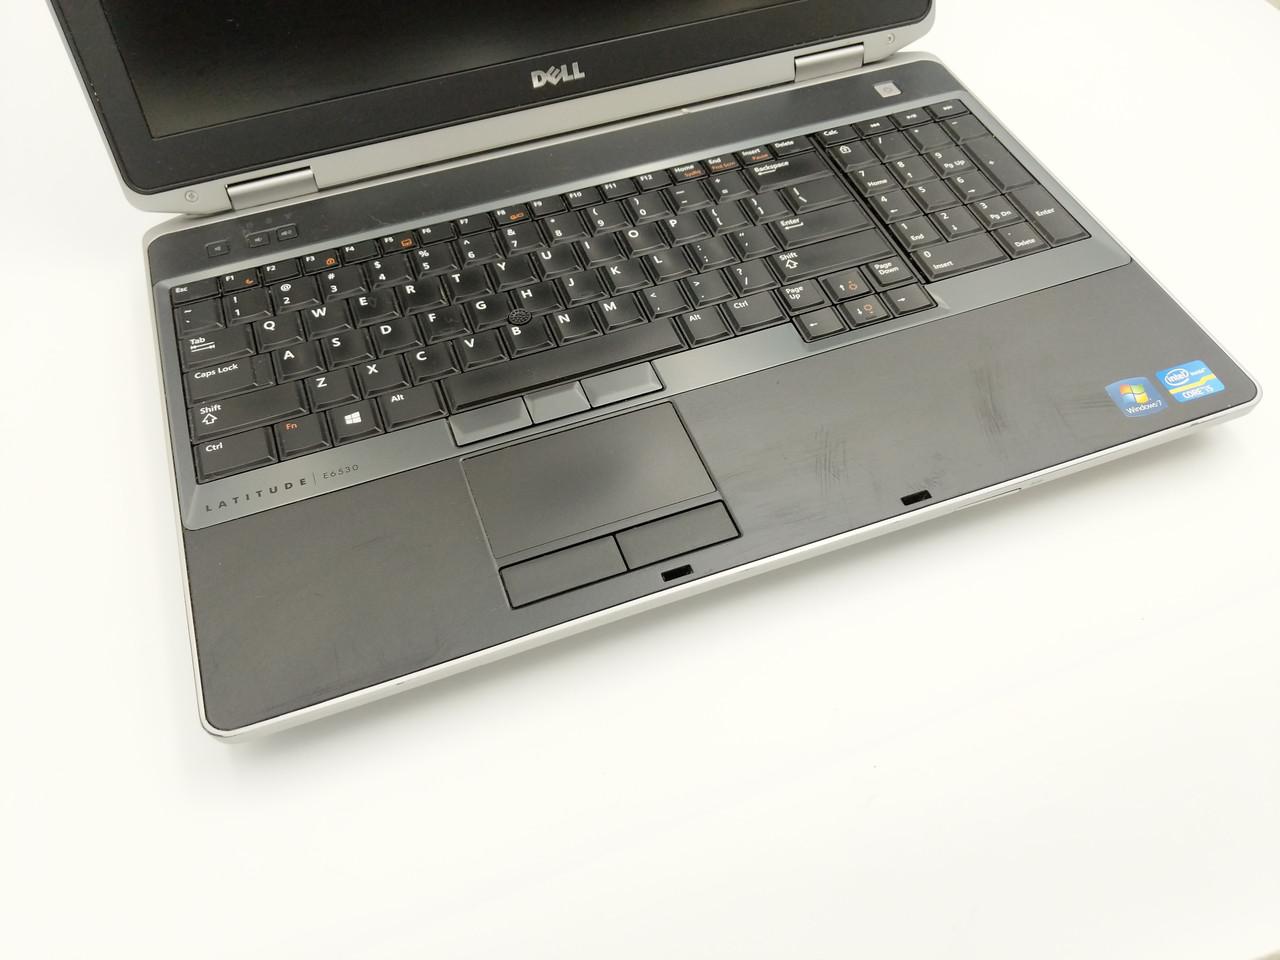 Б/У Dell Latitude E6530 15.6″ HD+  i5-3320M /DDR3 8 Gb /SSD  240Нет в наличии 4